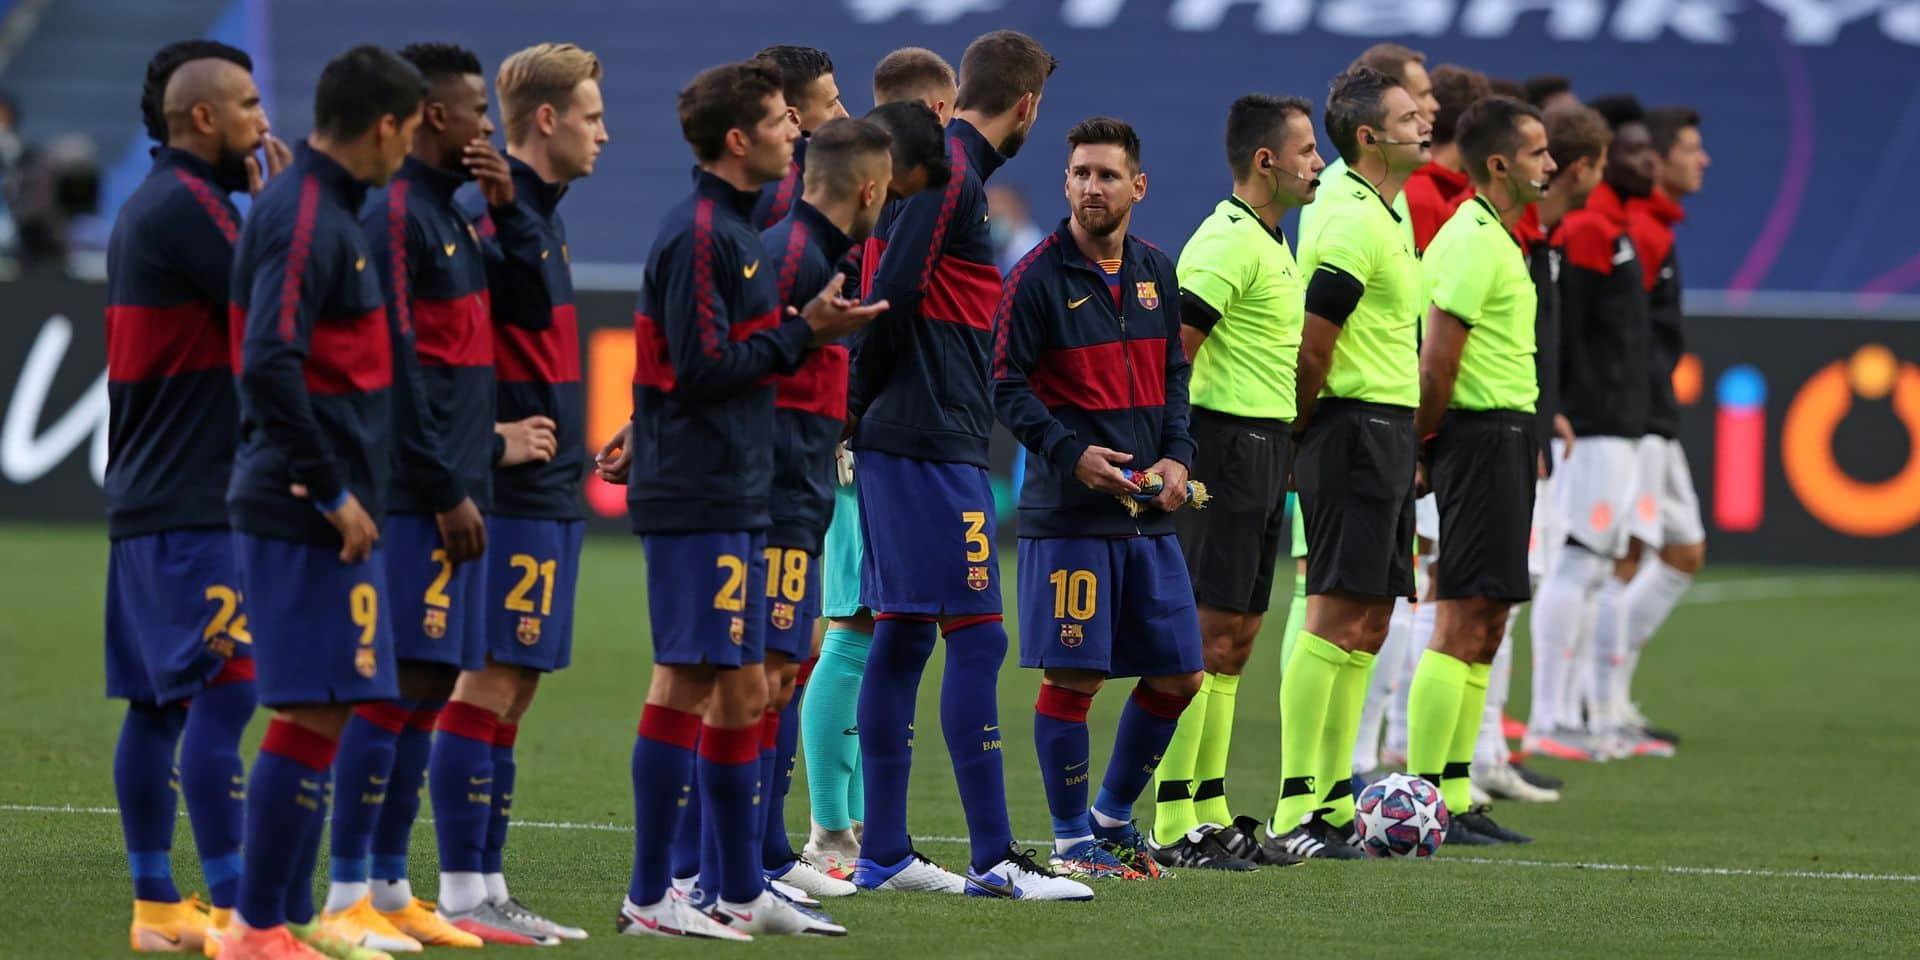 Le grand nettoyage se prépare à Barcelone: tout le monde peut partir, sauf 4 joueurs !